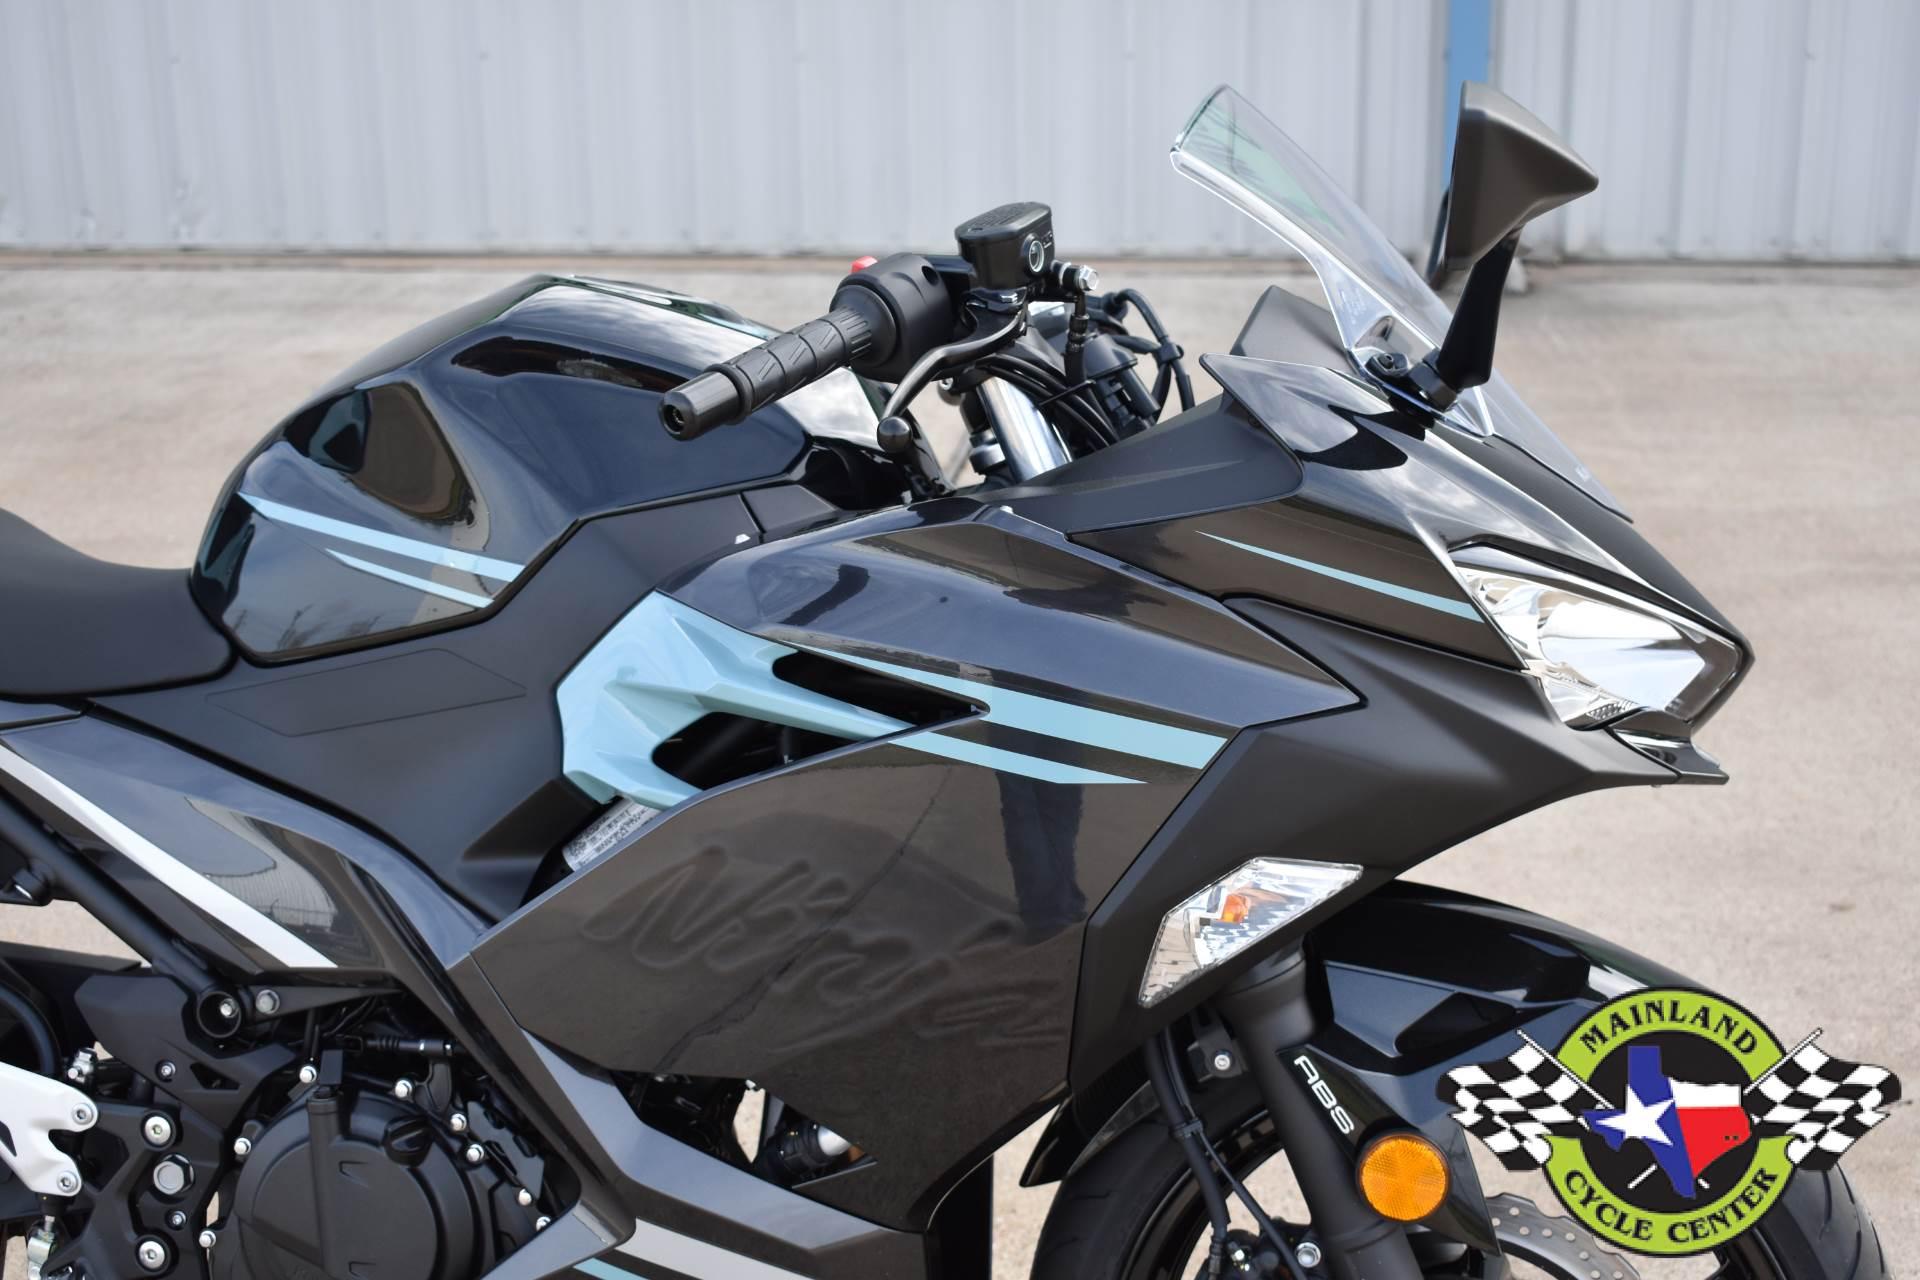 2020 Kawasaki Ninja 400 ABS 12